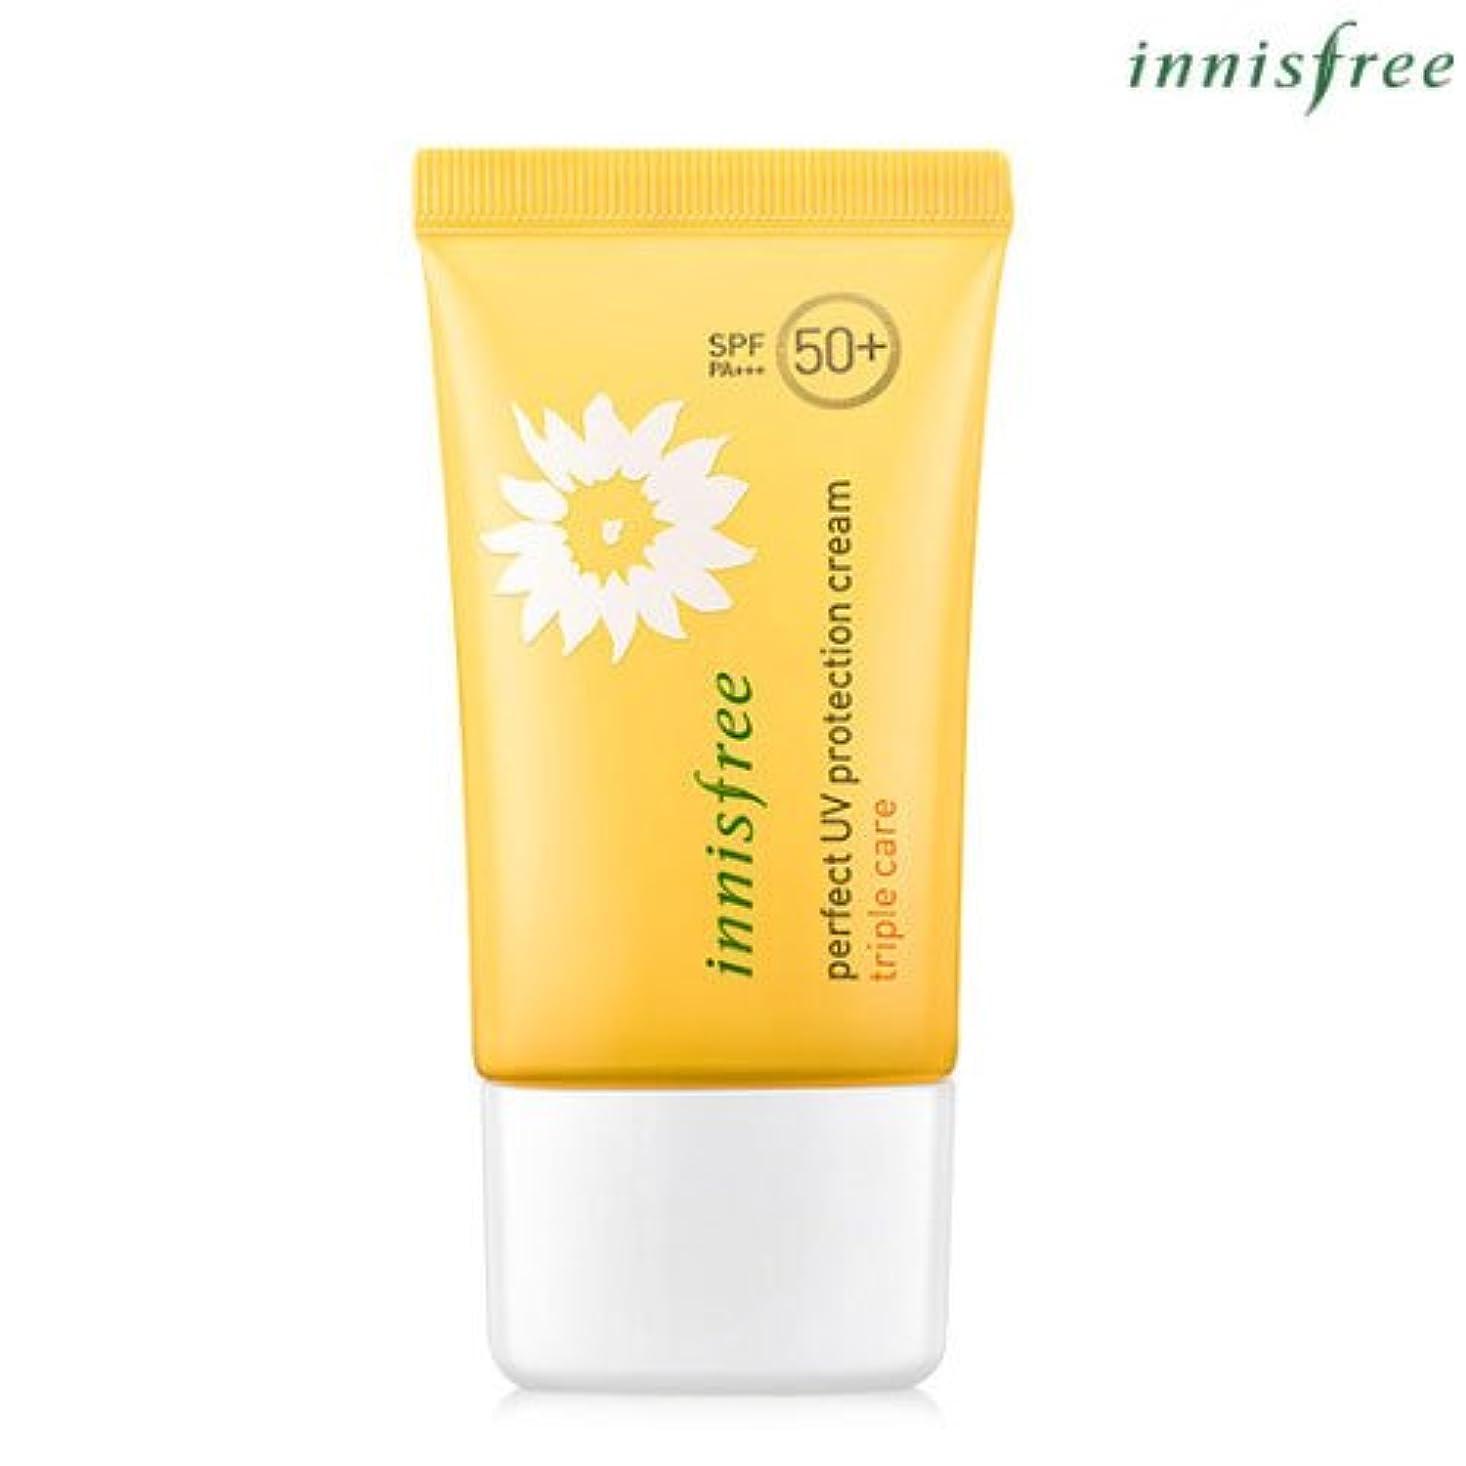 再生的自伝妻[INNISFREE]イニスフリーパーフェクトUV プロテクション クリームトリプルケアSPF50+ PA+++ 50mL perfect UV protection cream triple care SPF50+ PA...